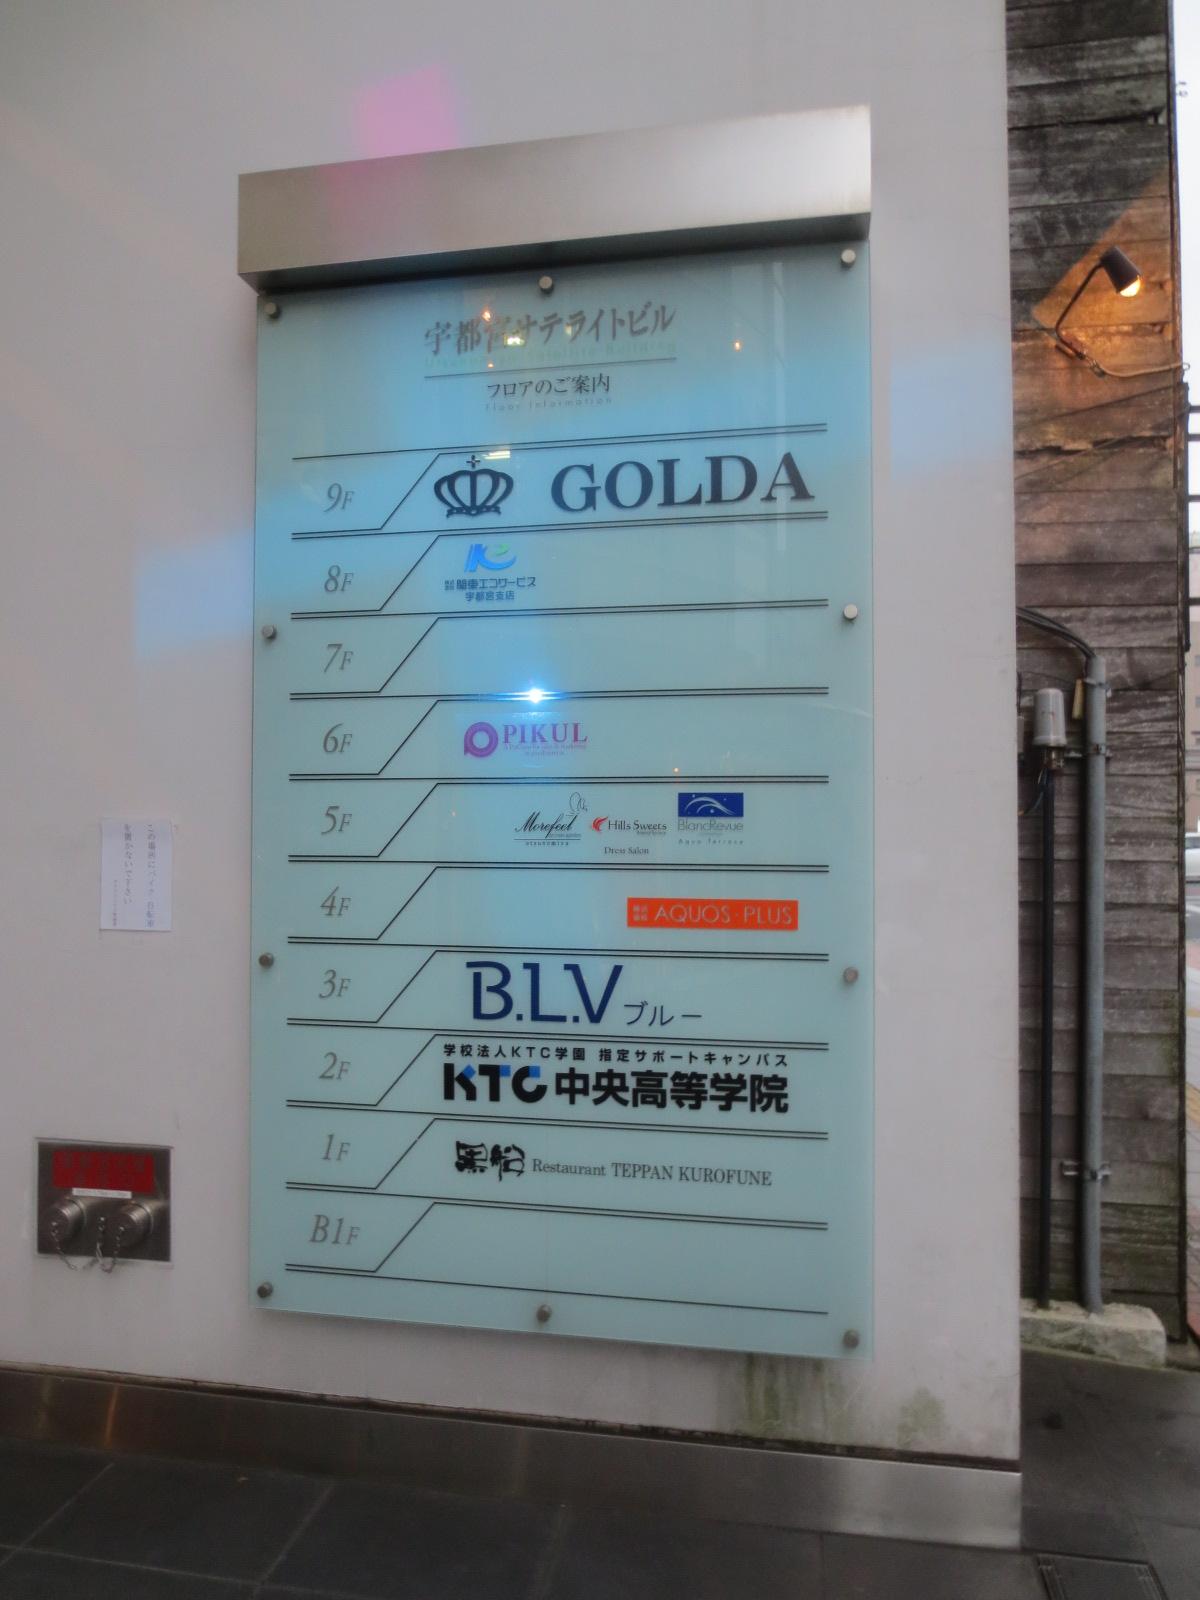 GOLDA Lounge